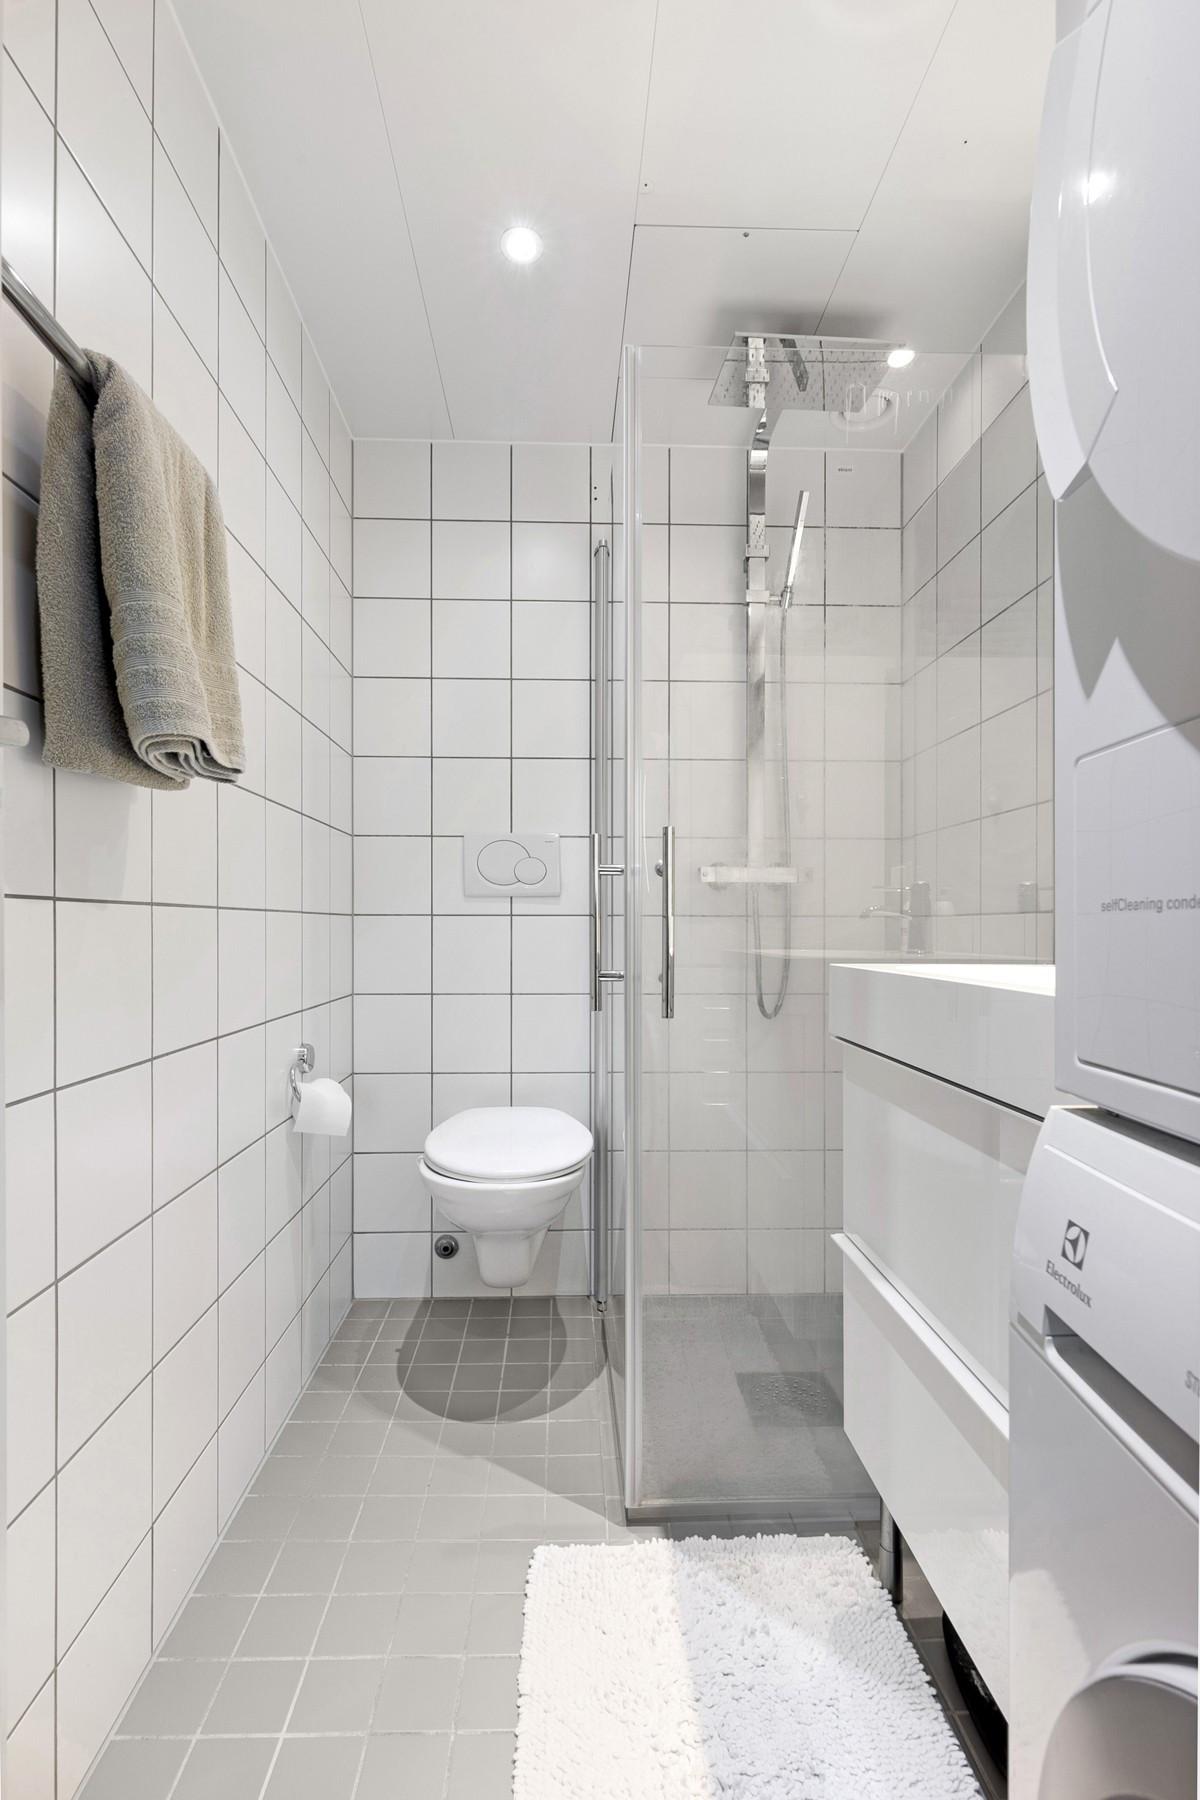 Komplett flislagt bad med gulvvarme